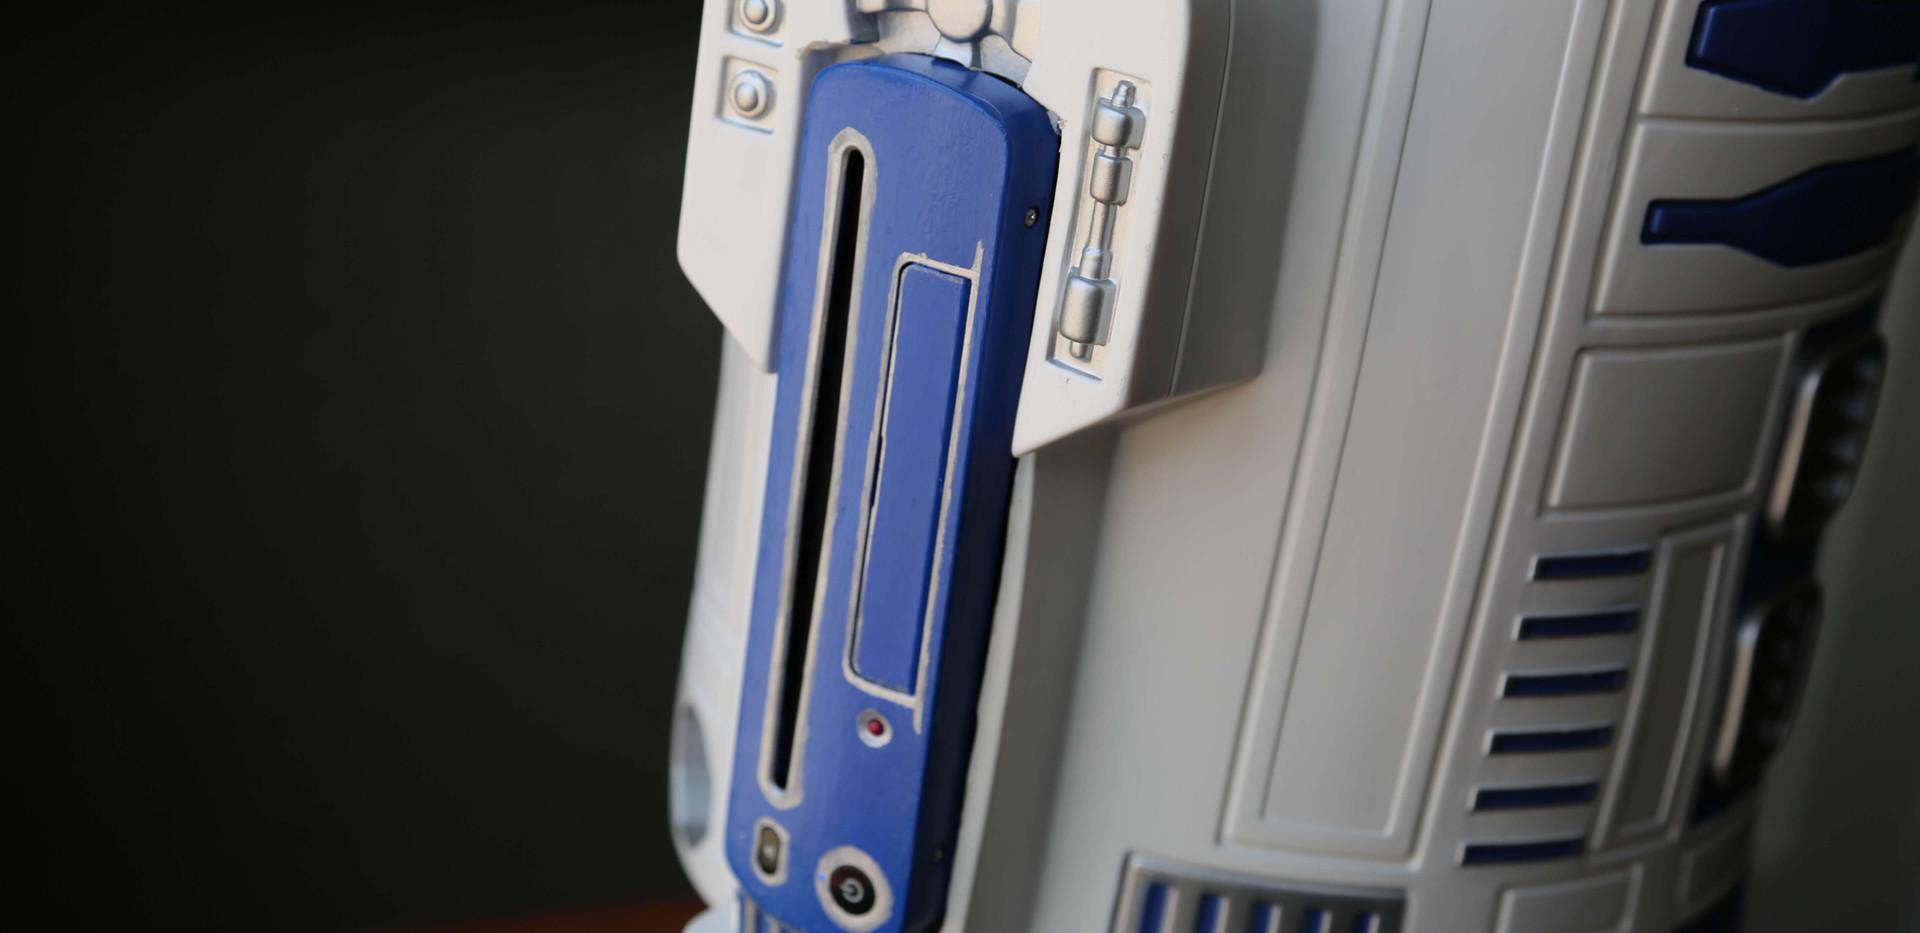 Wii-U-R2-D2-Star-Wars-12.JPG